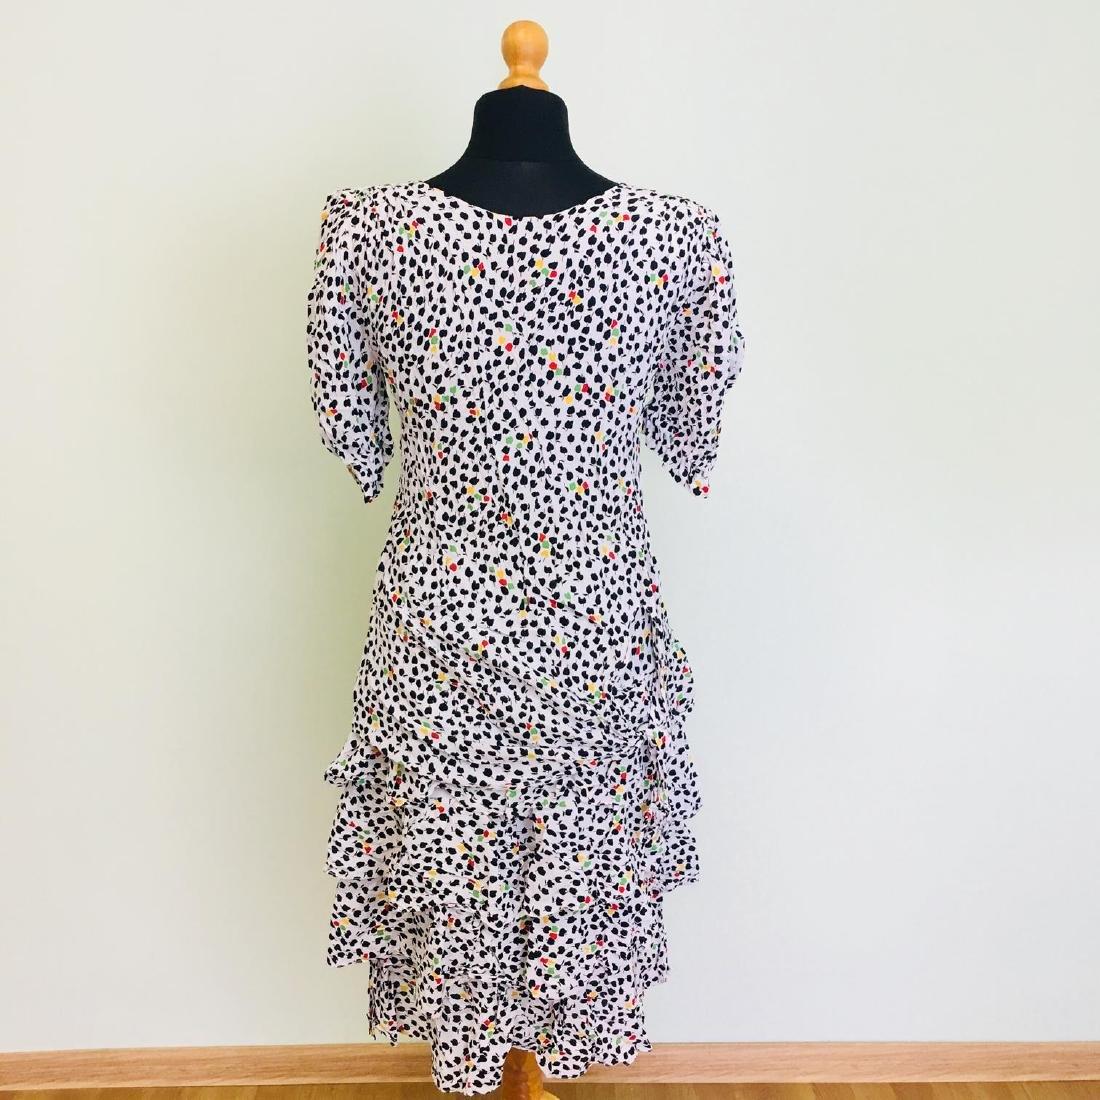 Vintage Women's Day Coctail Dress Size EUR 40 US 10 - 5